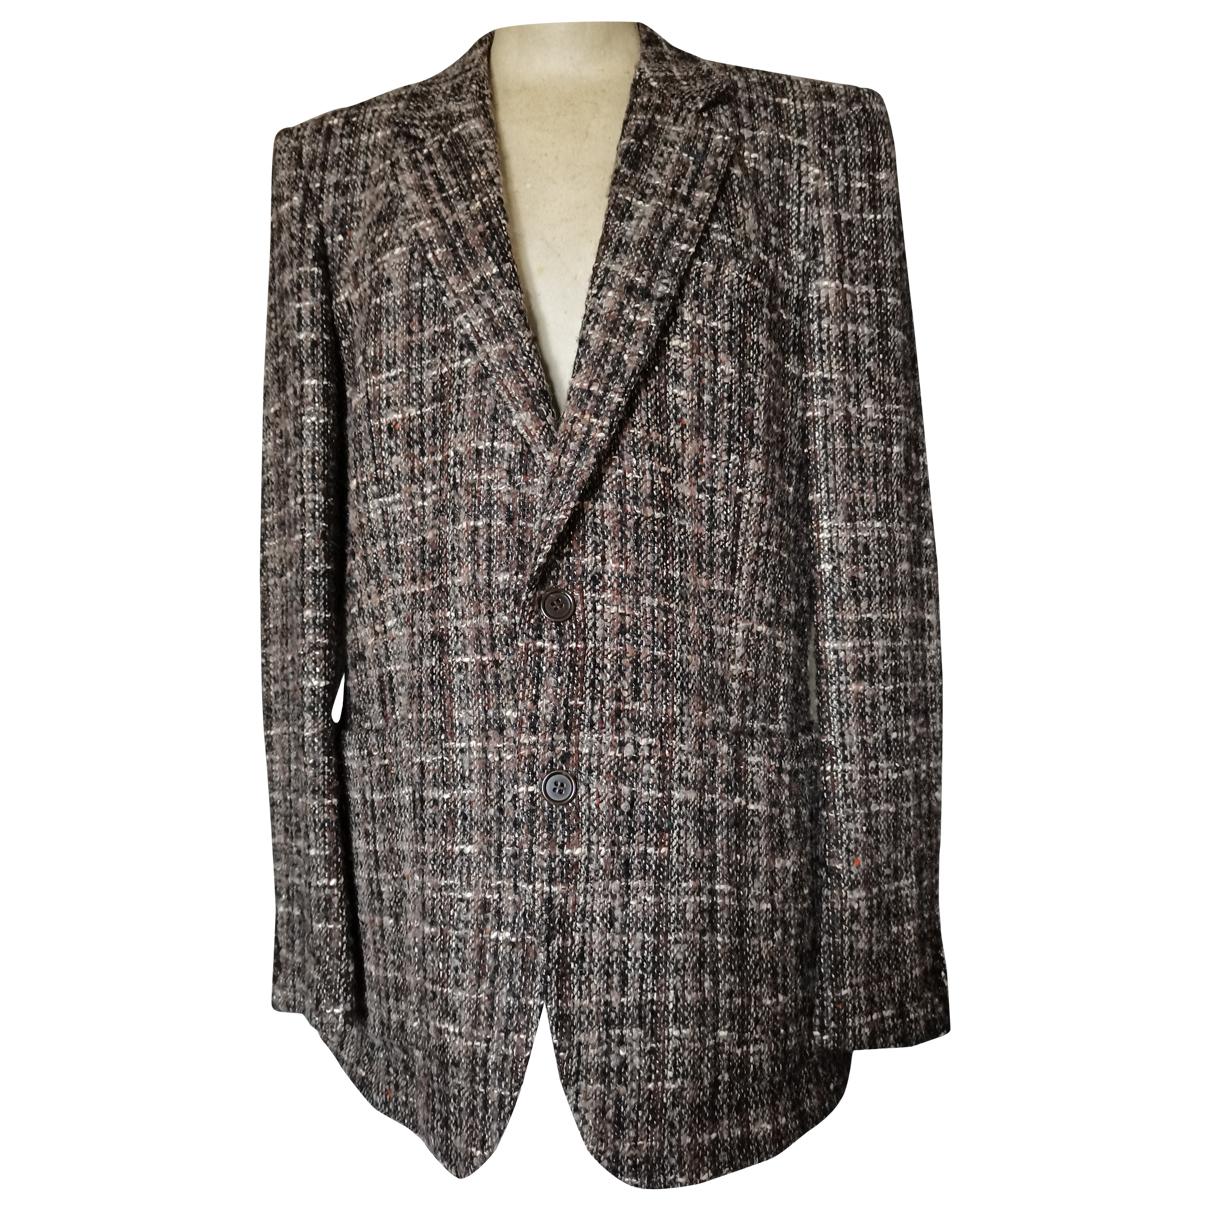 Cacharel - Vestes.Blousons   pour homme en laine - multicolore